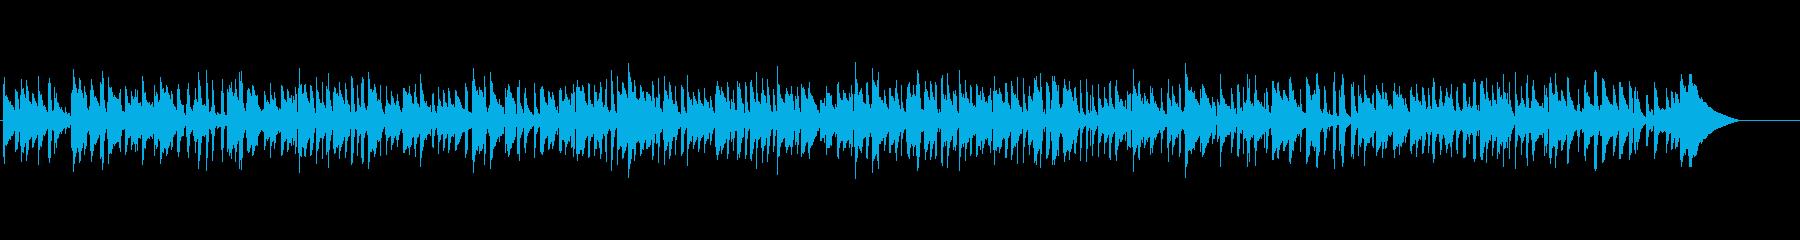 社交場にマッチするジャズの再生済みの波形